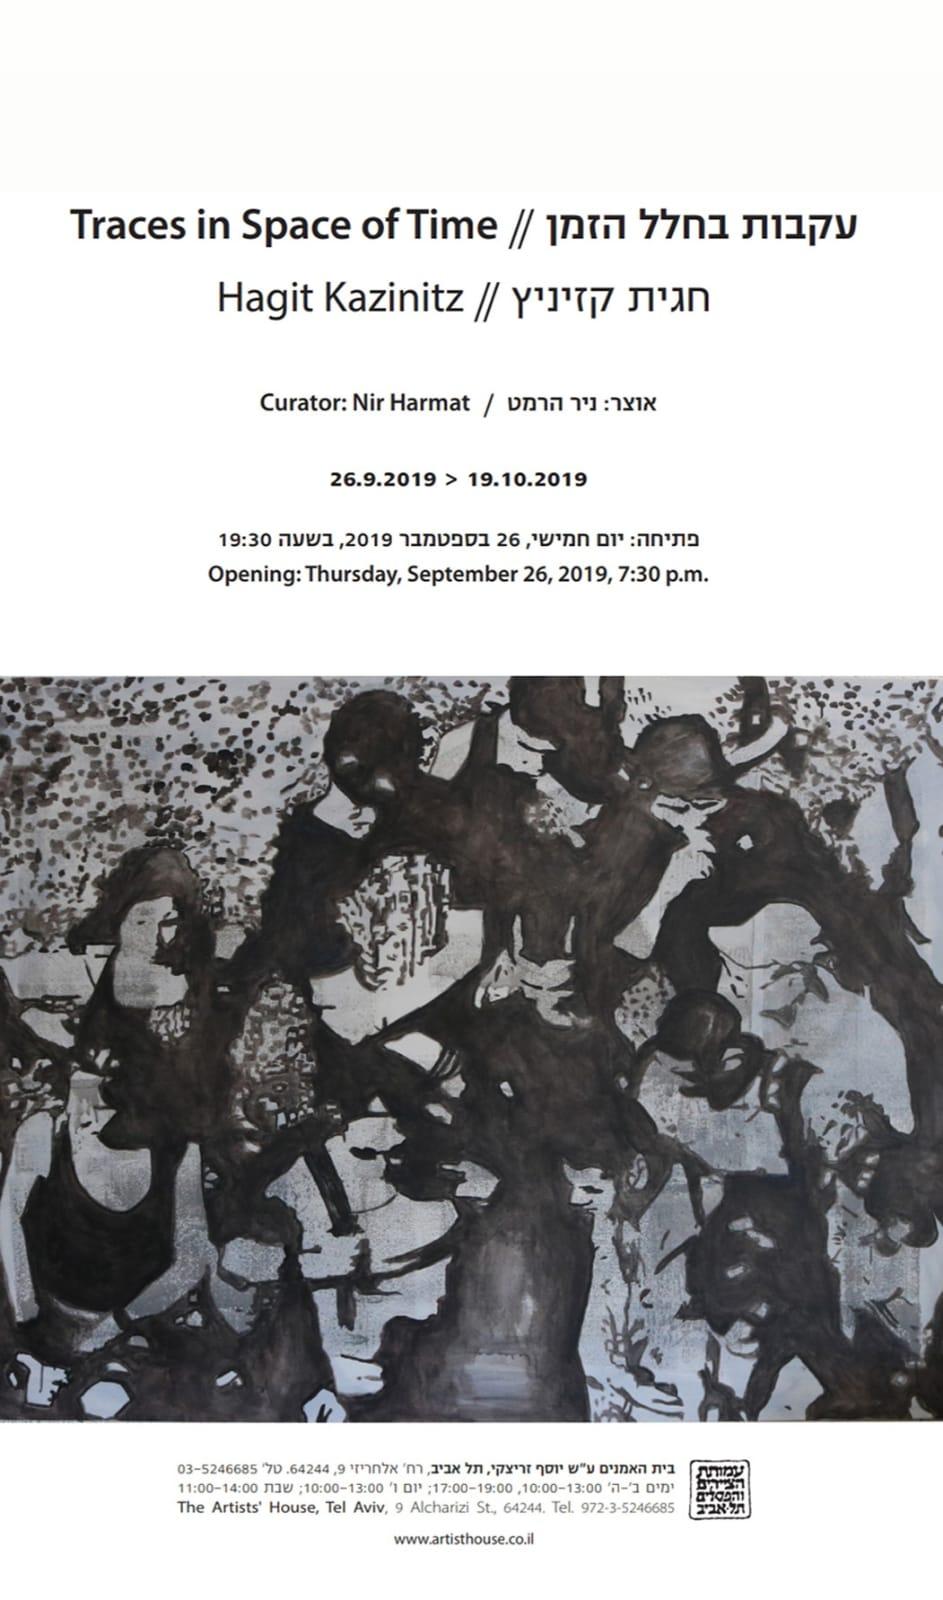 חגית קזיניץ- בית האמנים